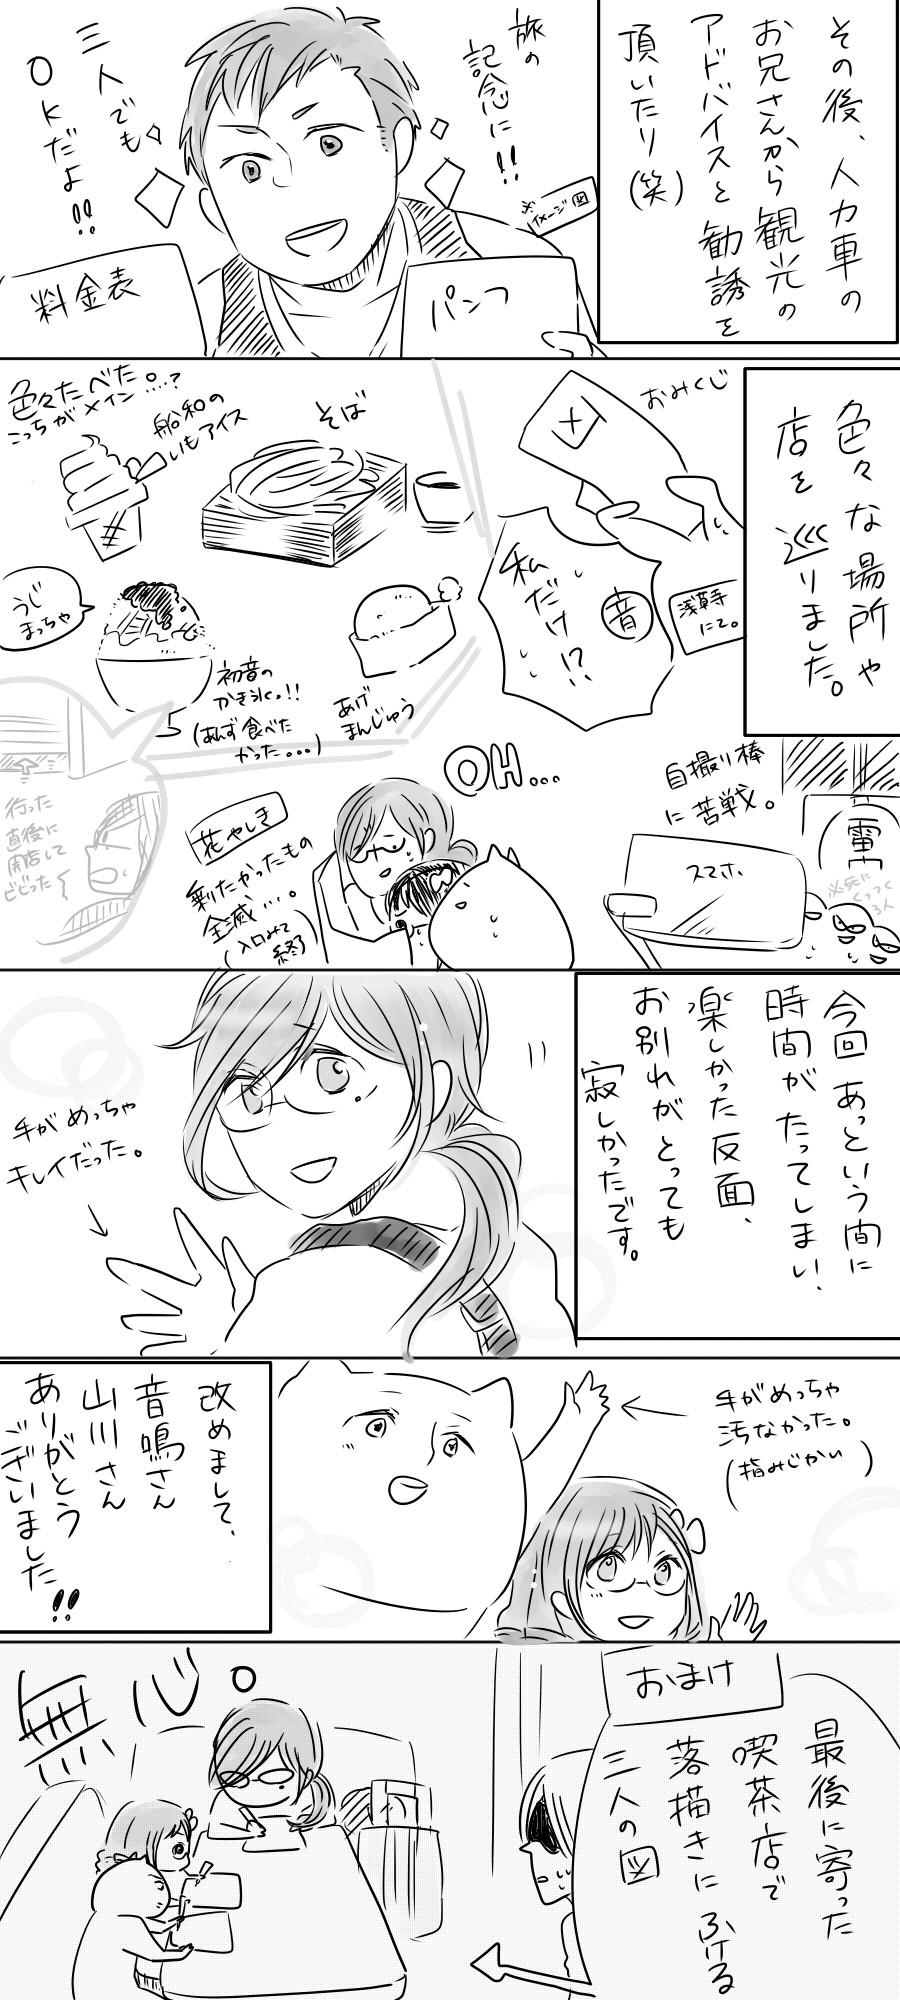 おふれぽ3